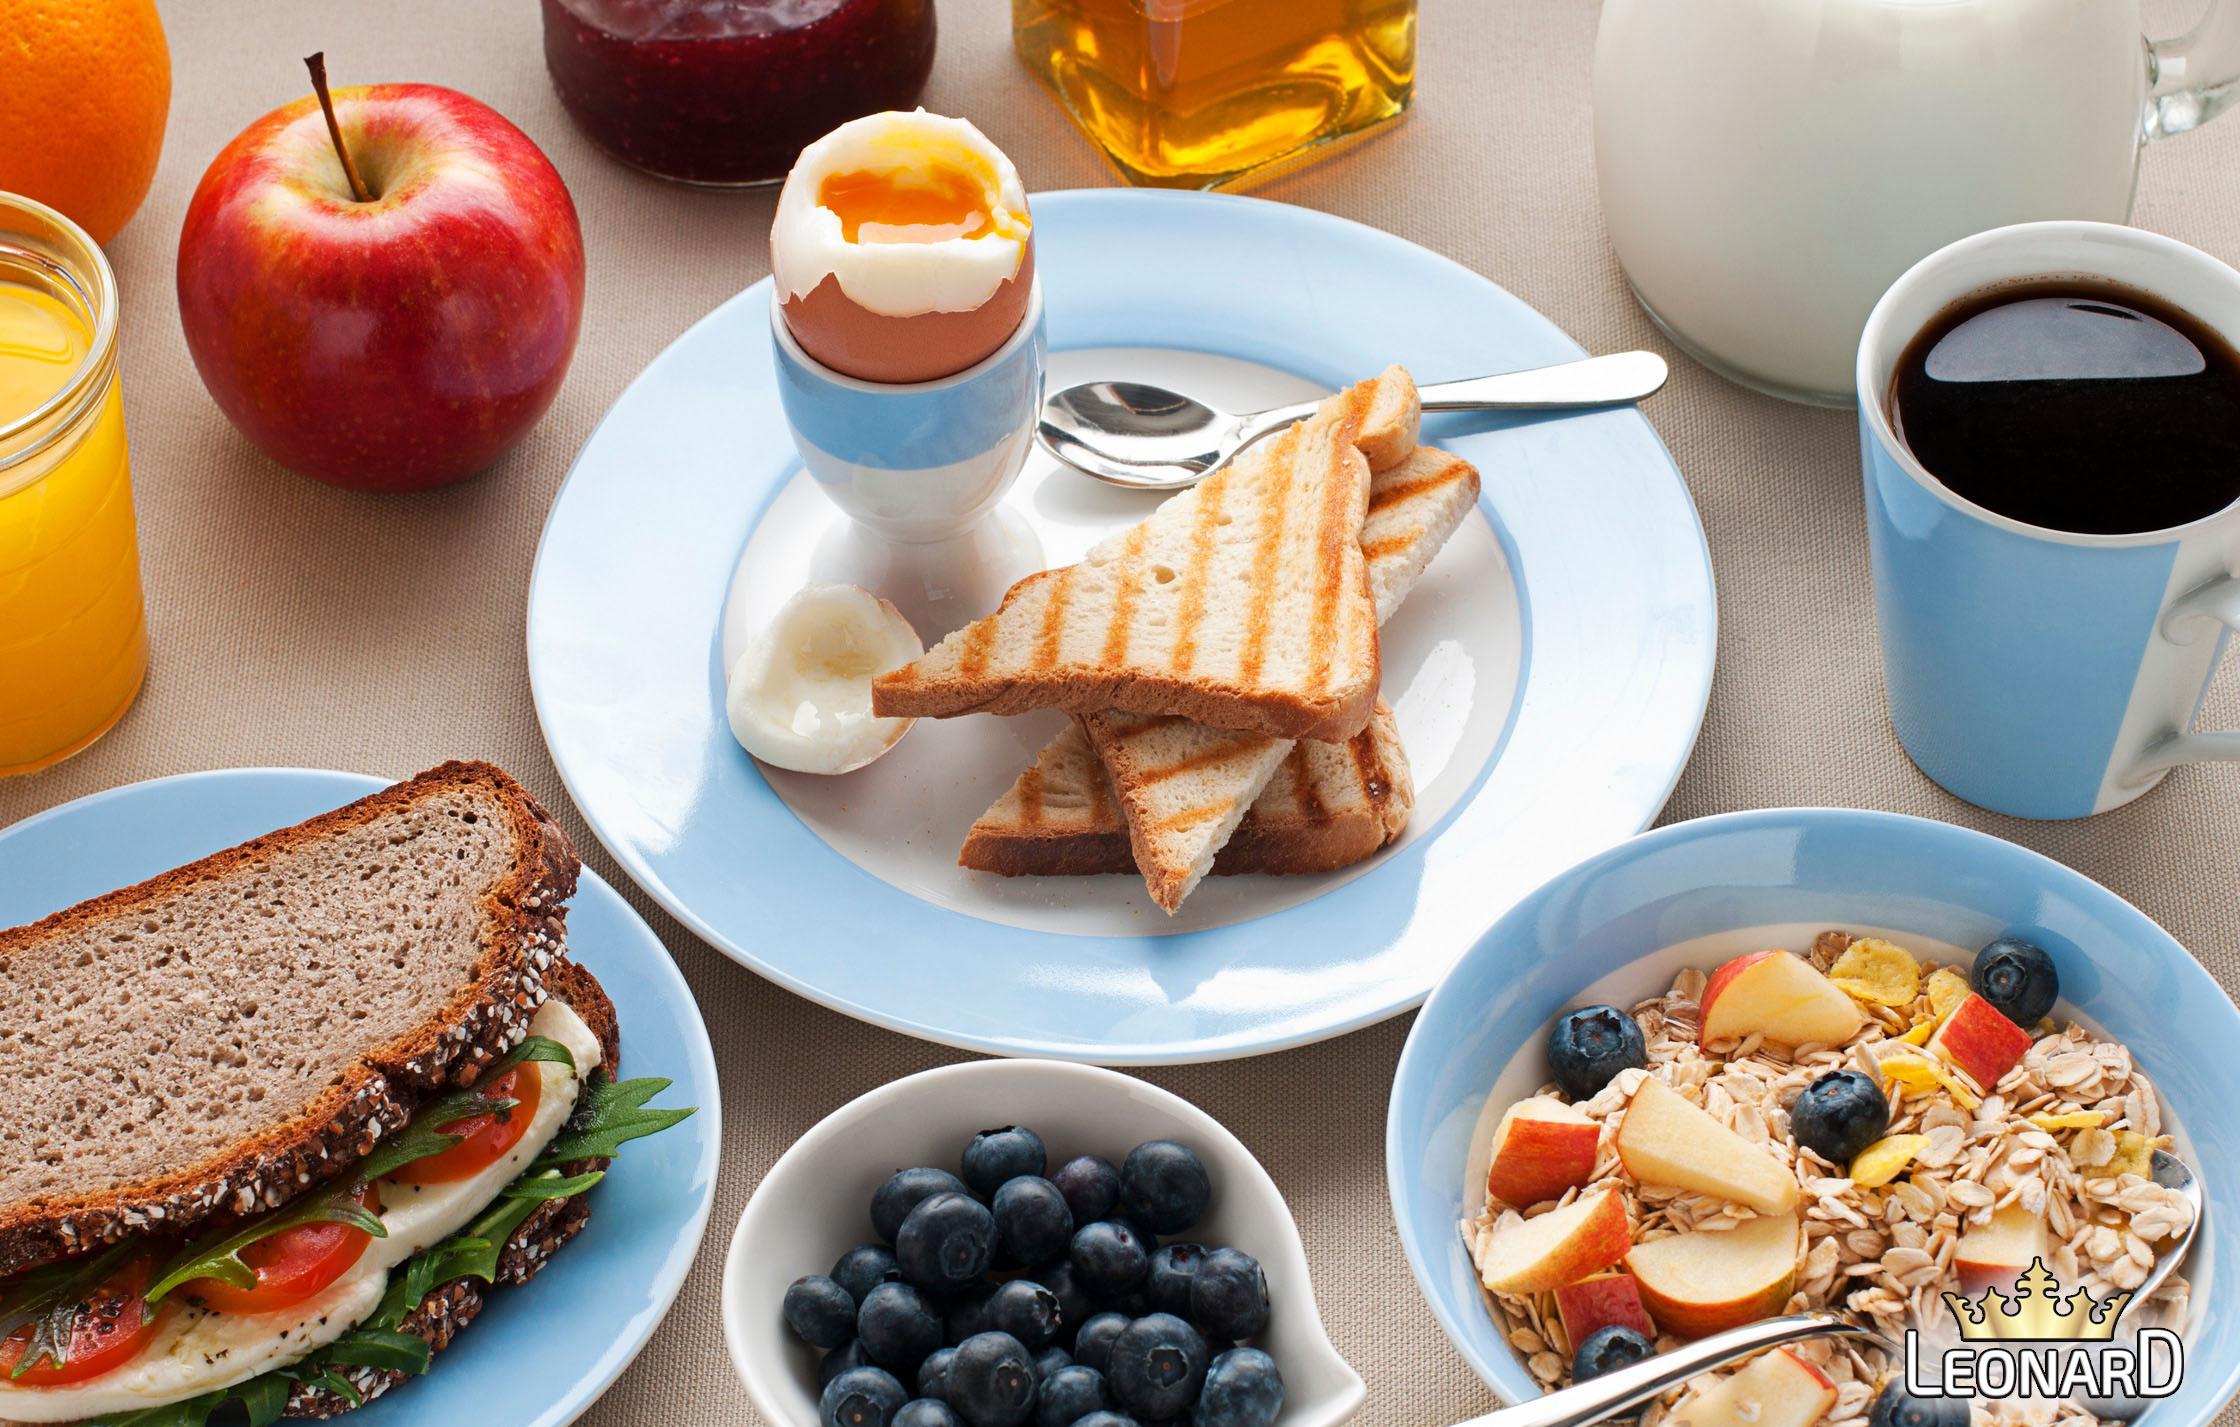 صبحانه مهمترین وعده غذایی است